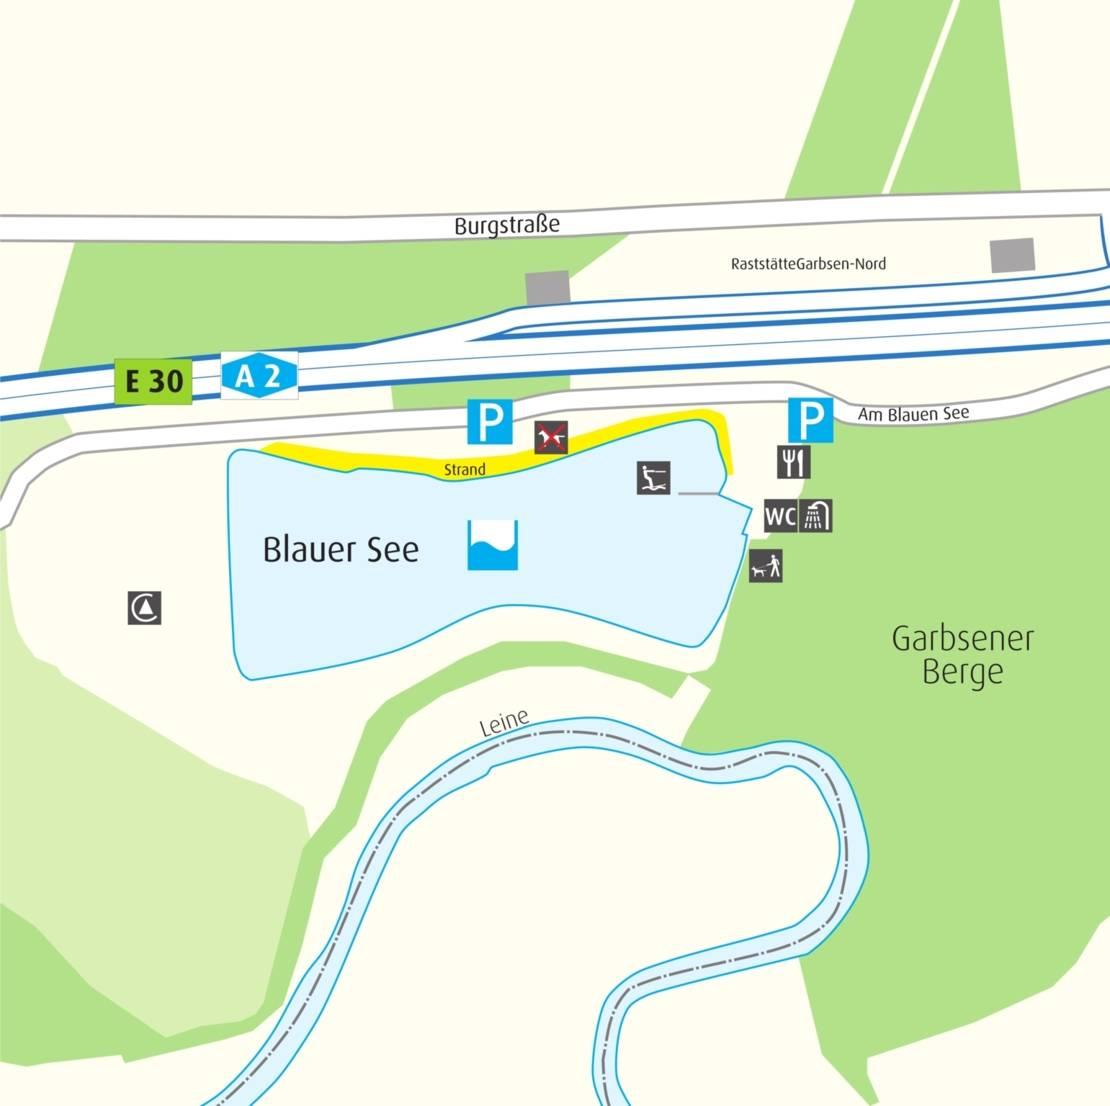 Lagune gefährlich blaue hannover Online platform